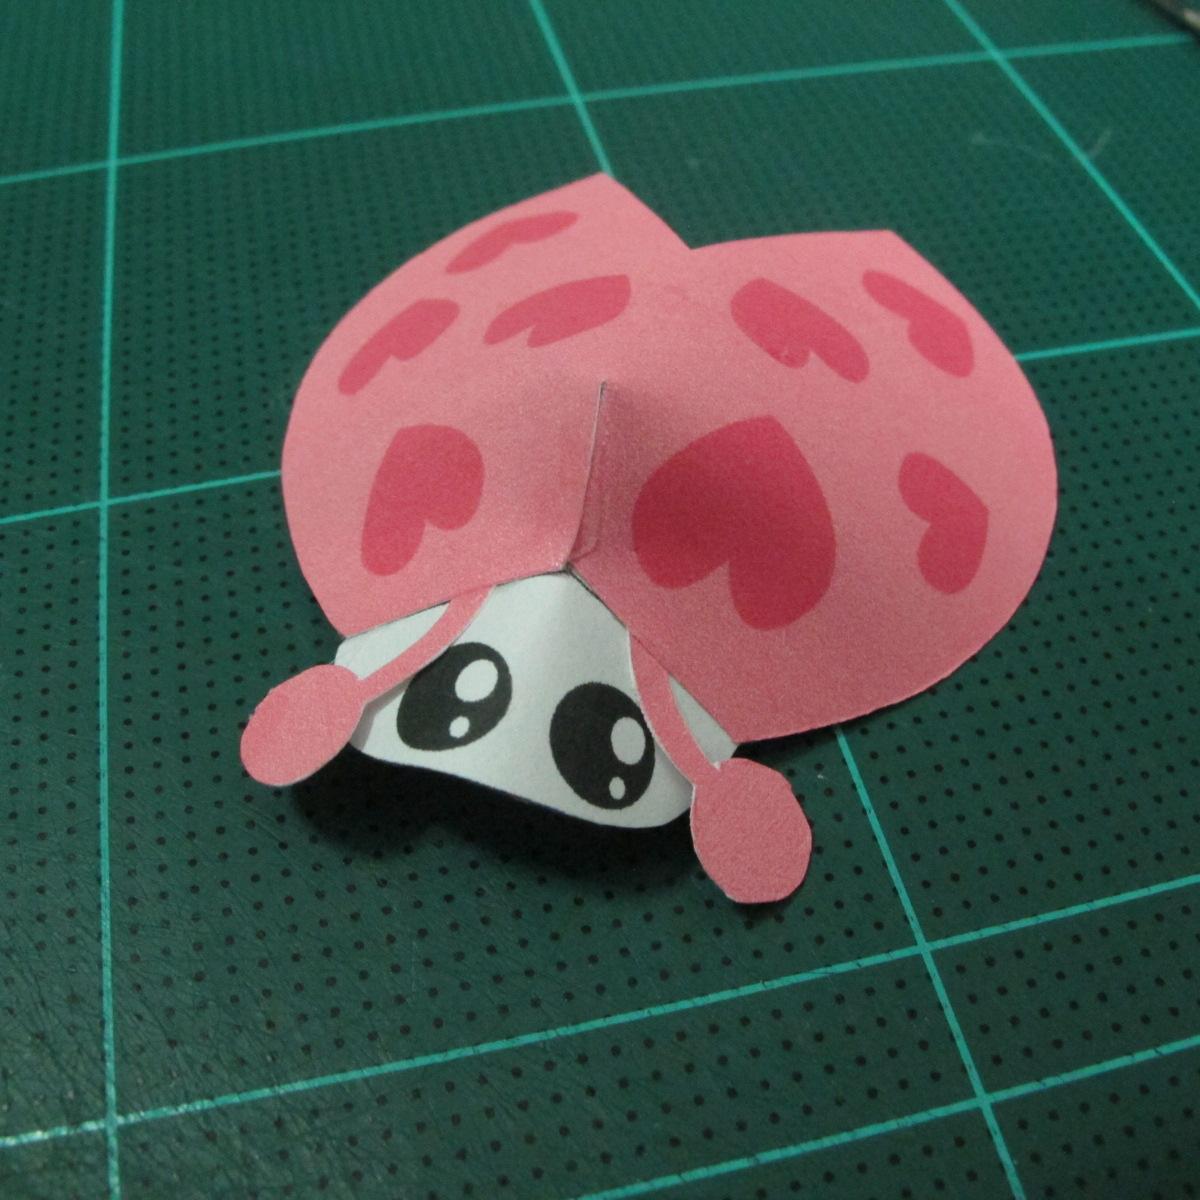 วิธีทำโมเดลกระดาษรูปเต่าทองแบบง่ายๆ (Easy Ladybug Papercraft Model) 008